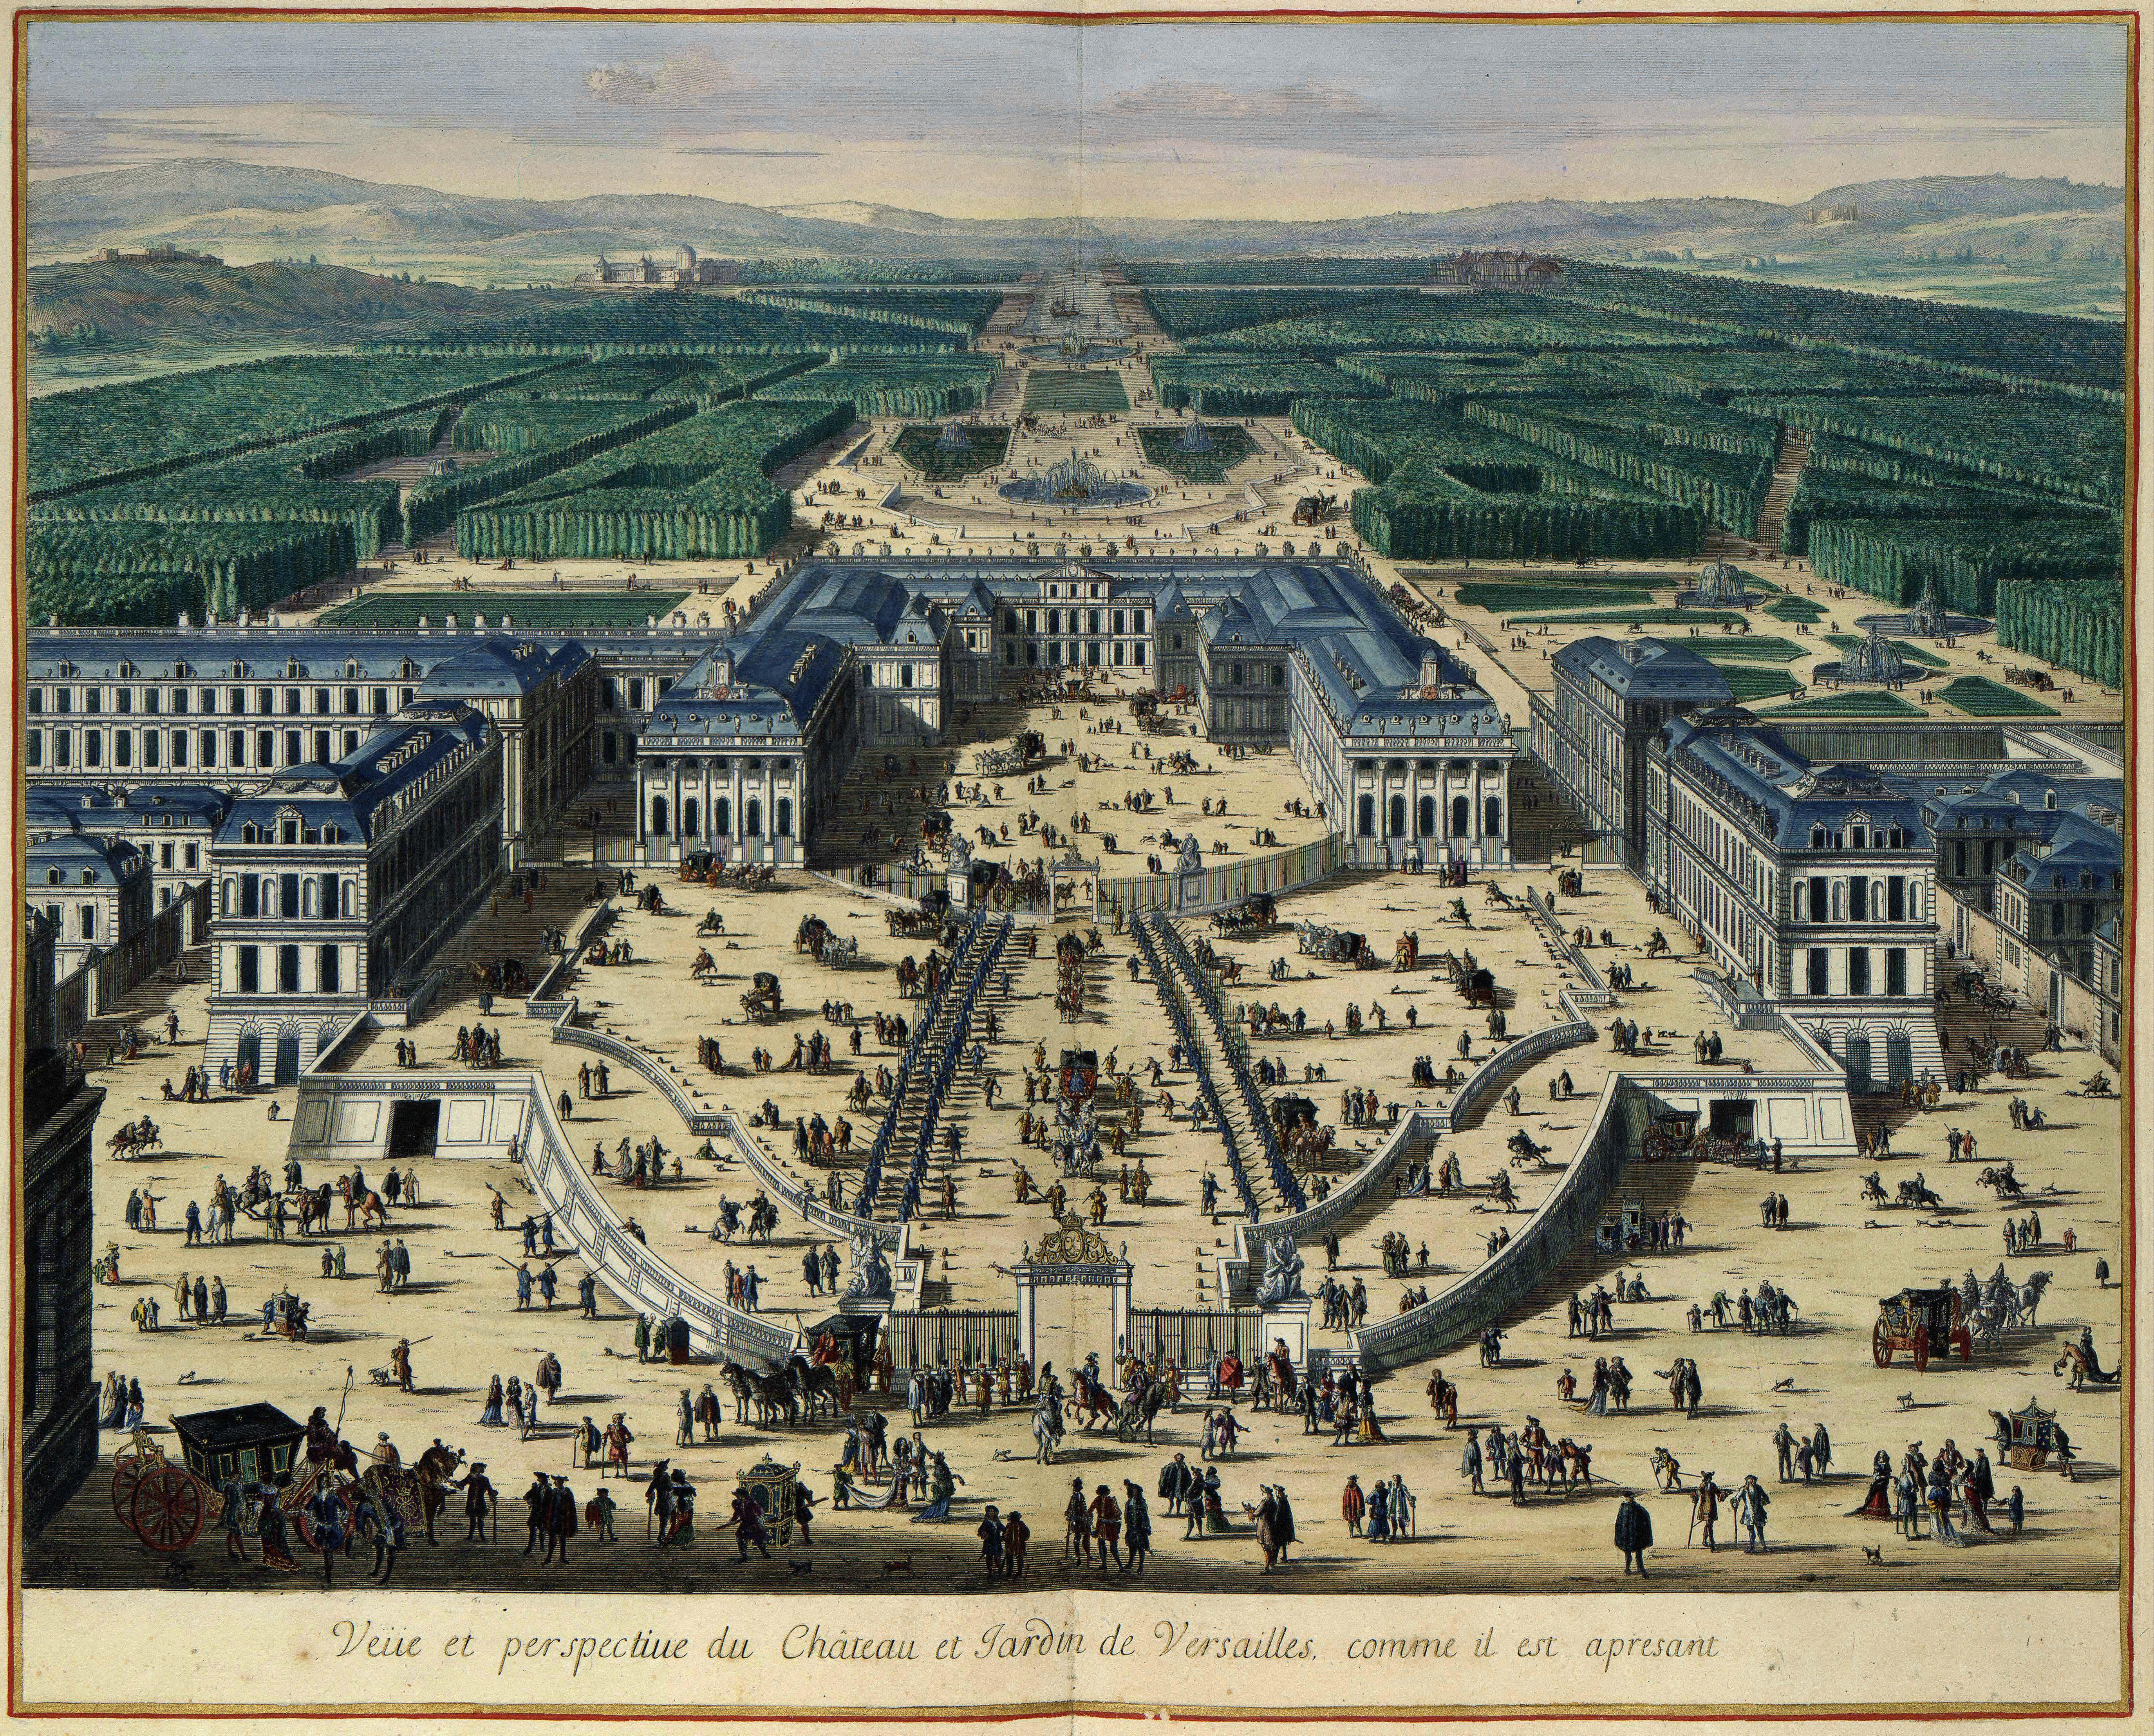 Tuinen Van Versailles.File Atlas Van Der Hagen Kw1049b12 023 Veue Et Perspective